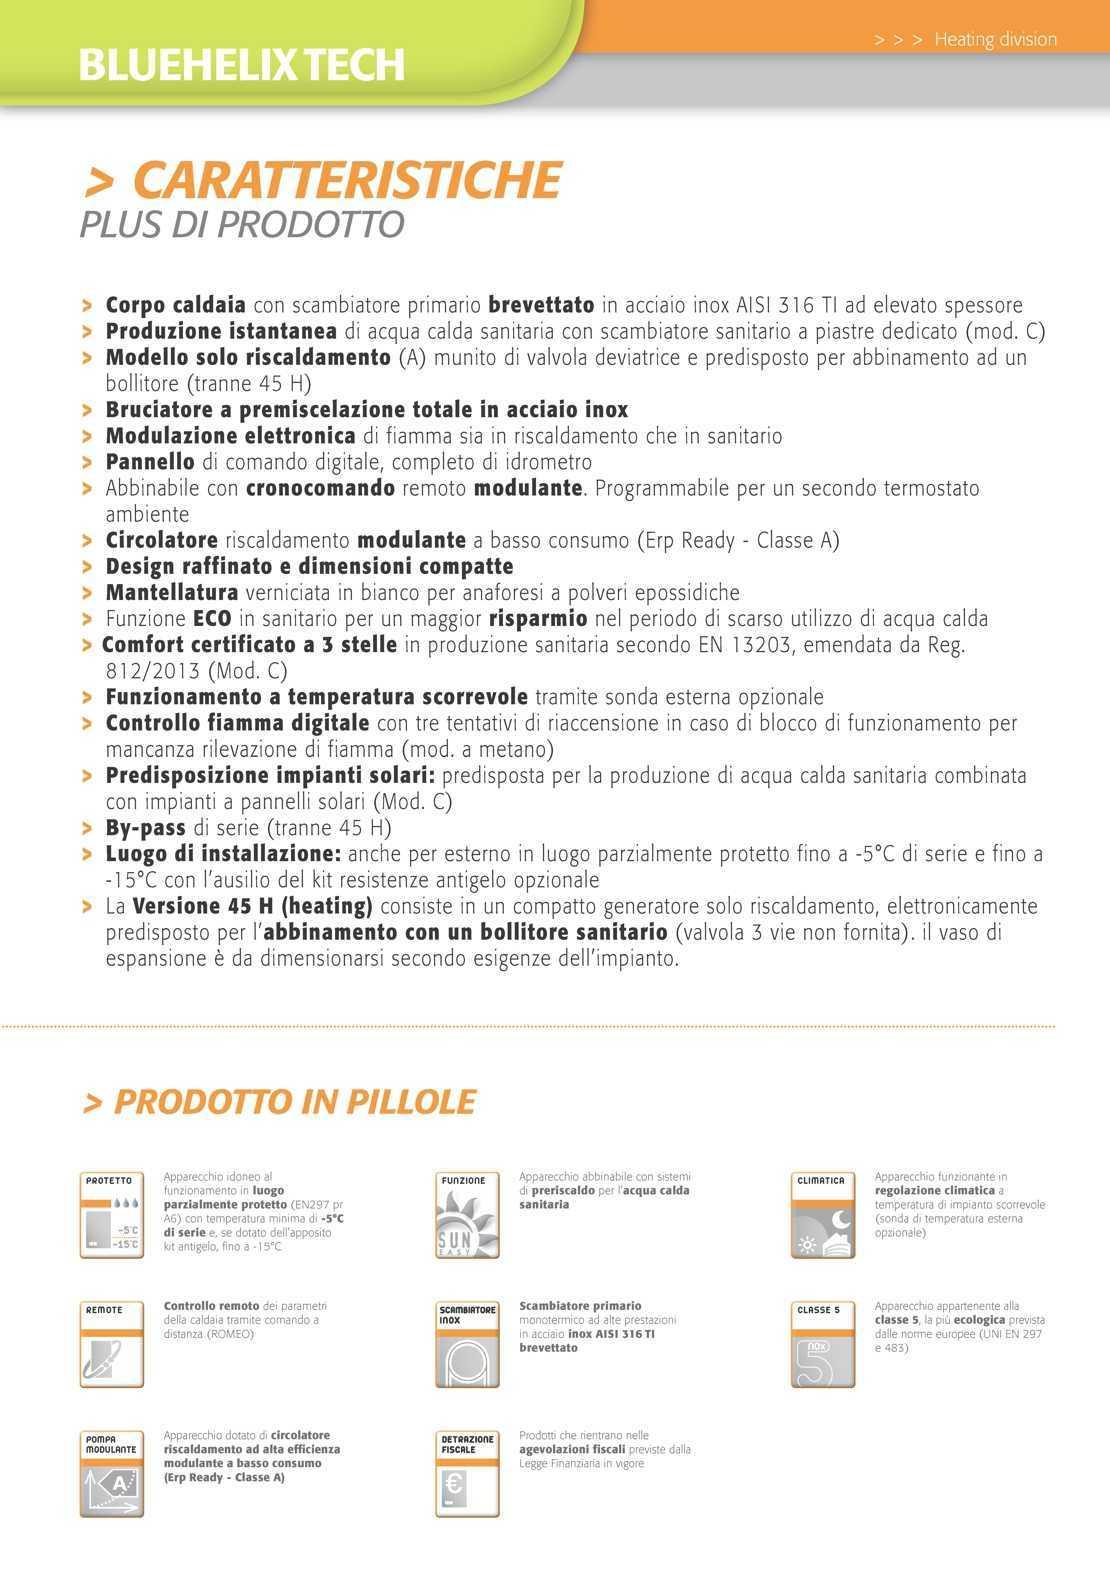 Caldaia Ferroli Bluehelix Tech erp